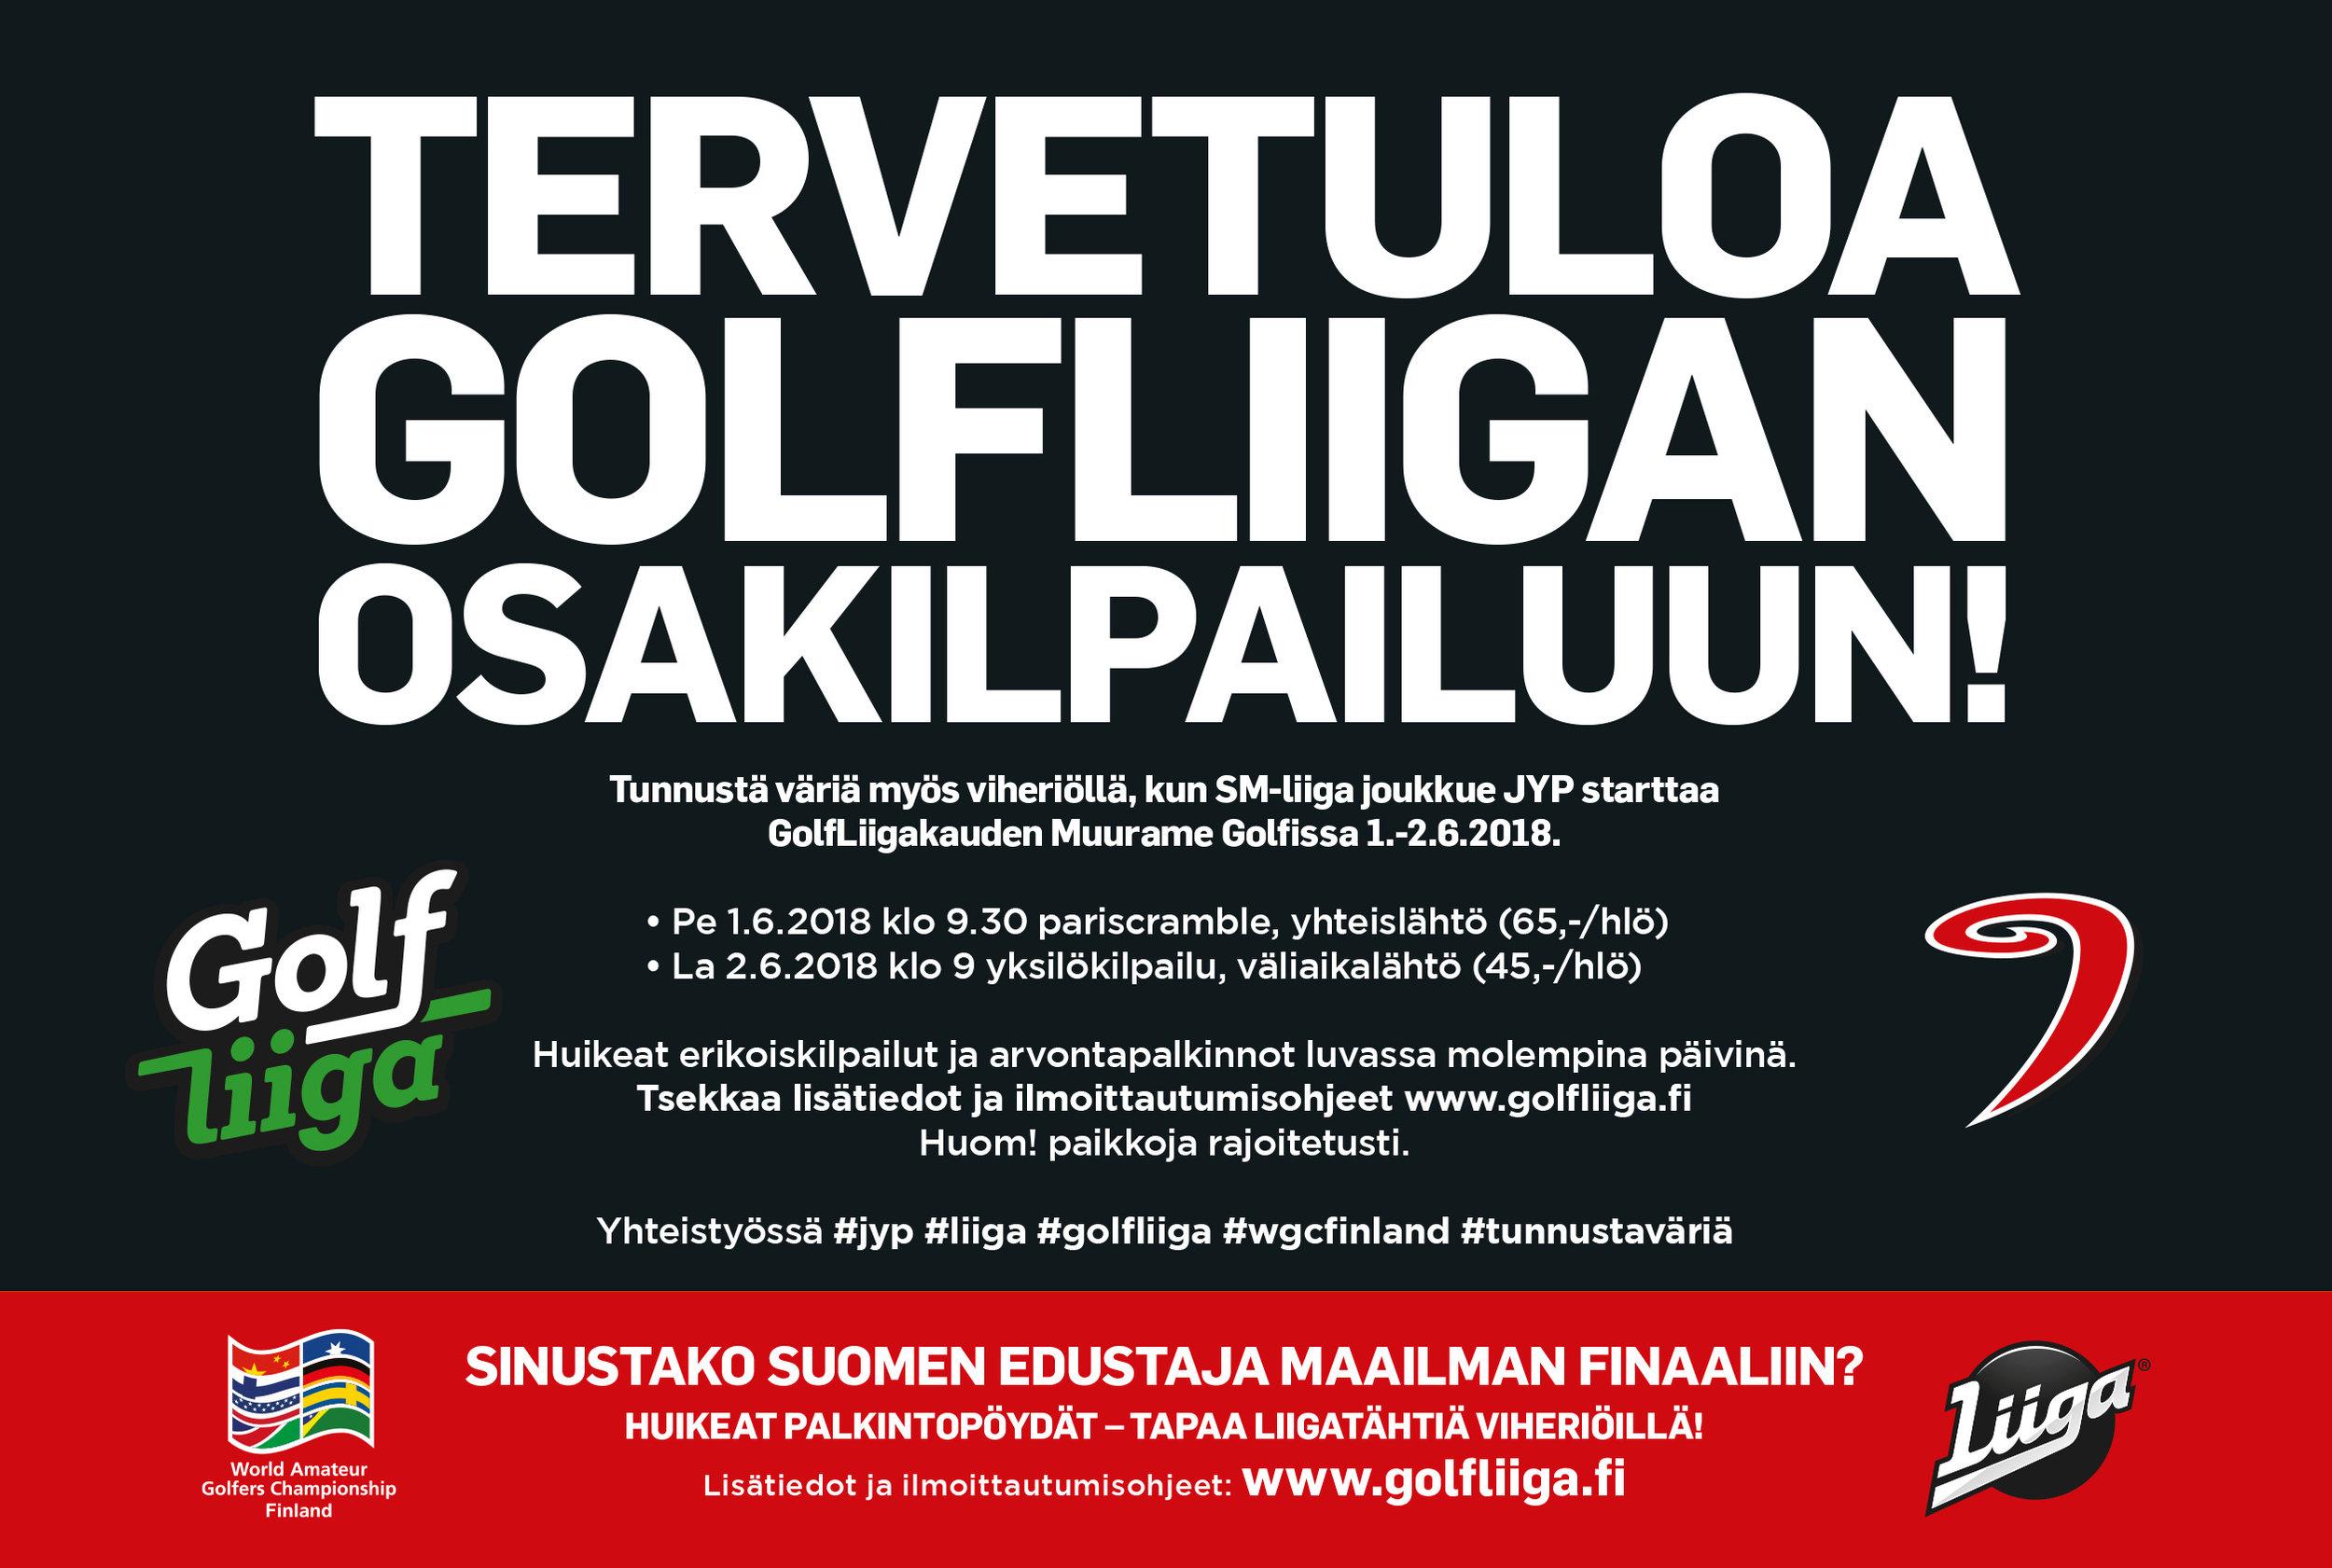 GolfLiiga_kutsut_Jyp.jpg